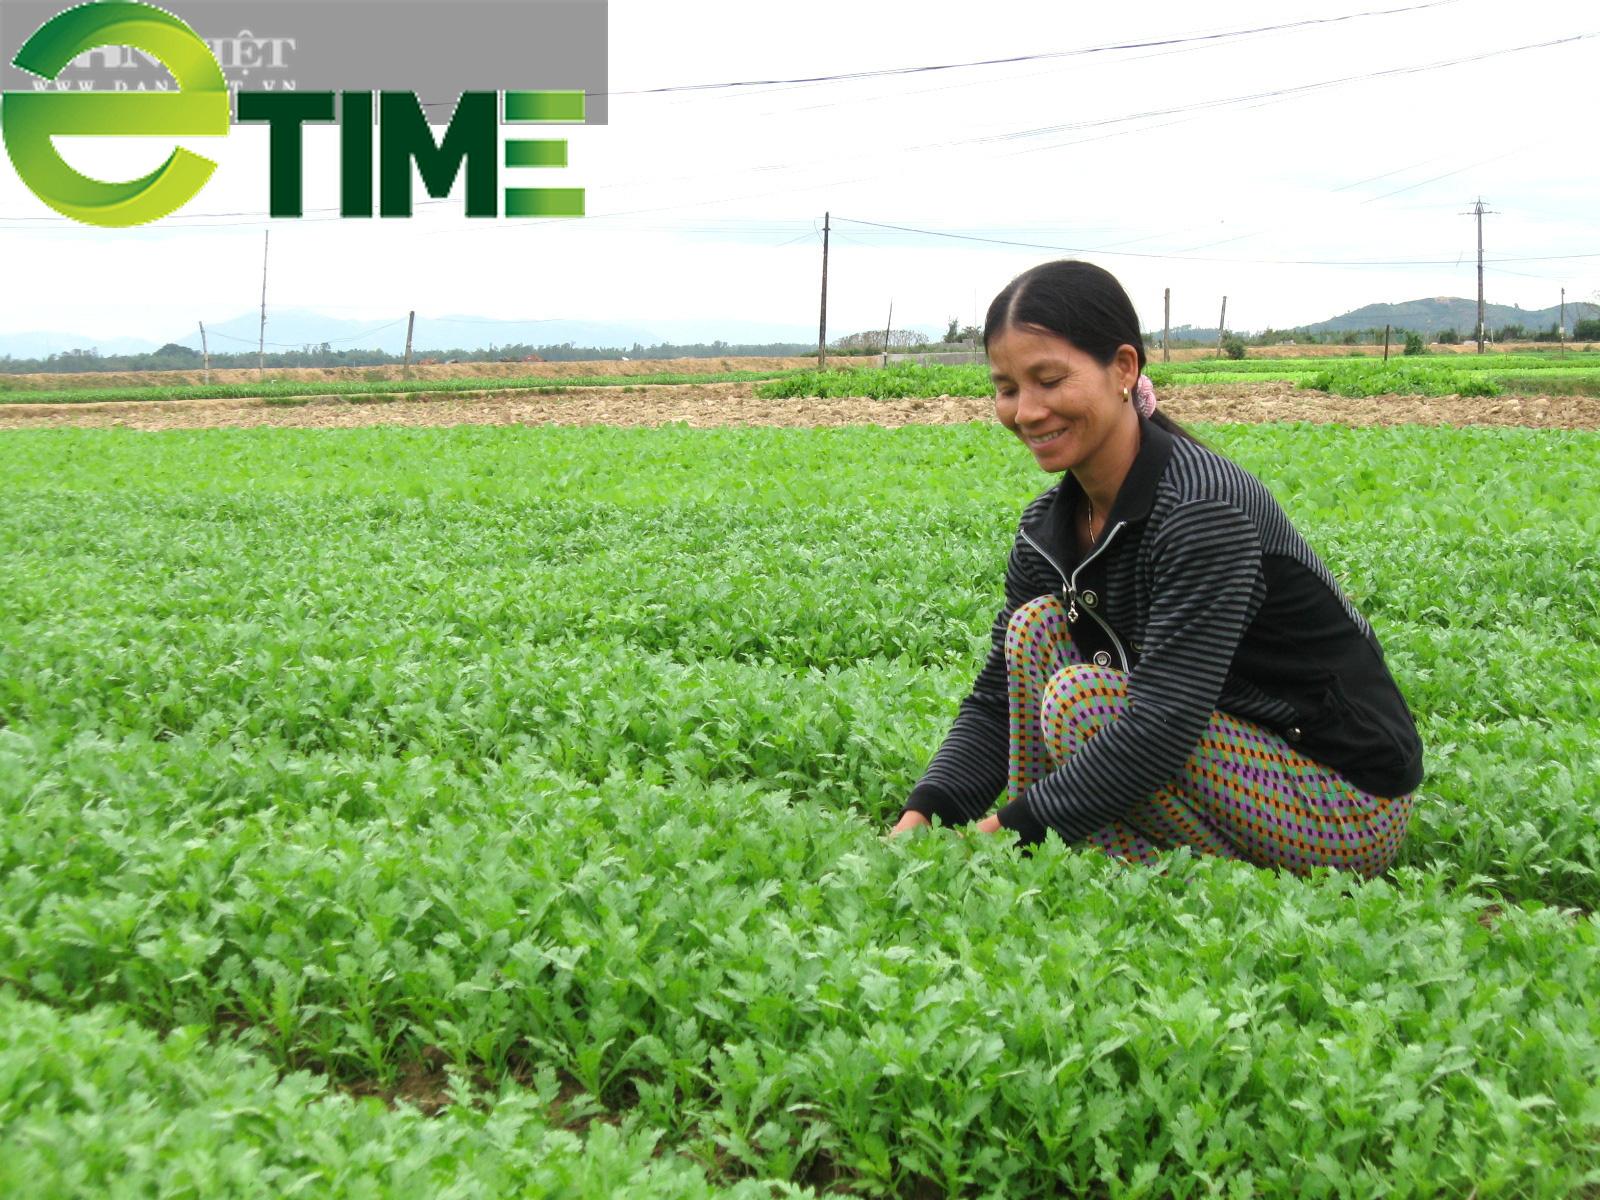 Hơn 1.000 hộ nông dân Bình Định trồng rau an toàn - Ảnh 2.